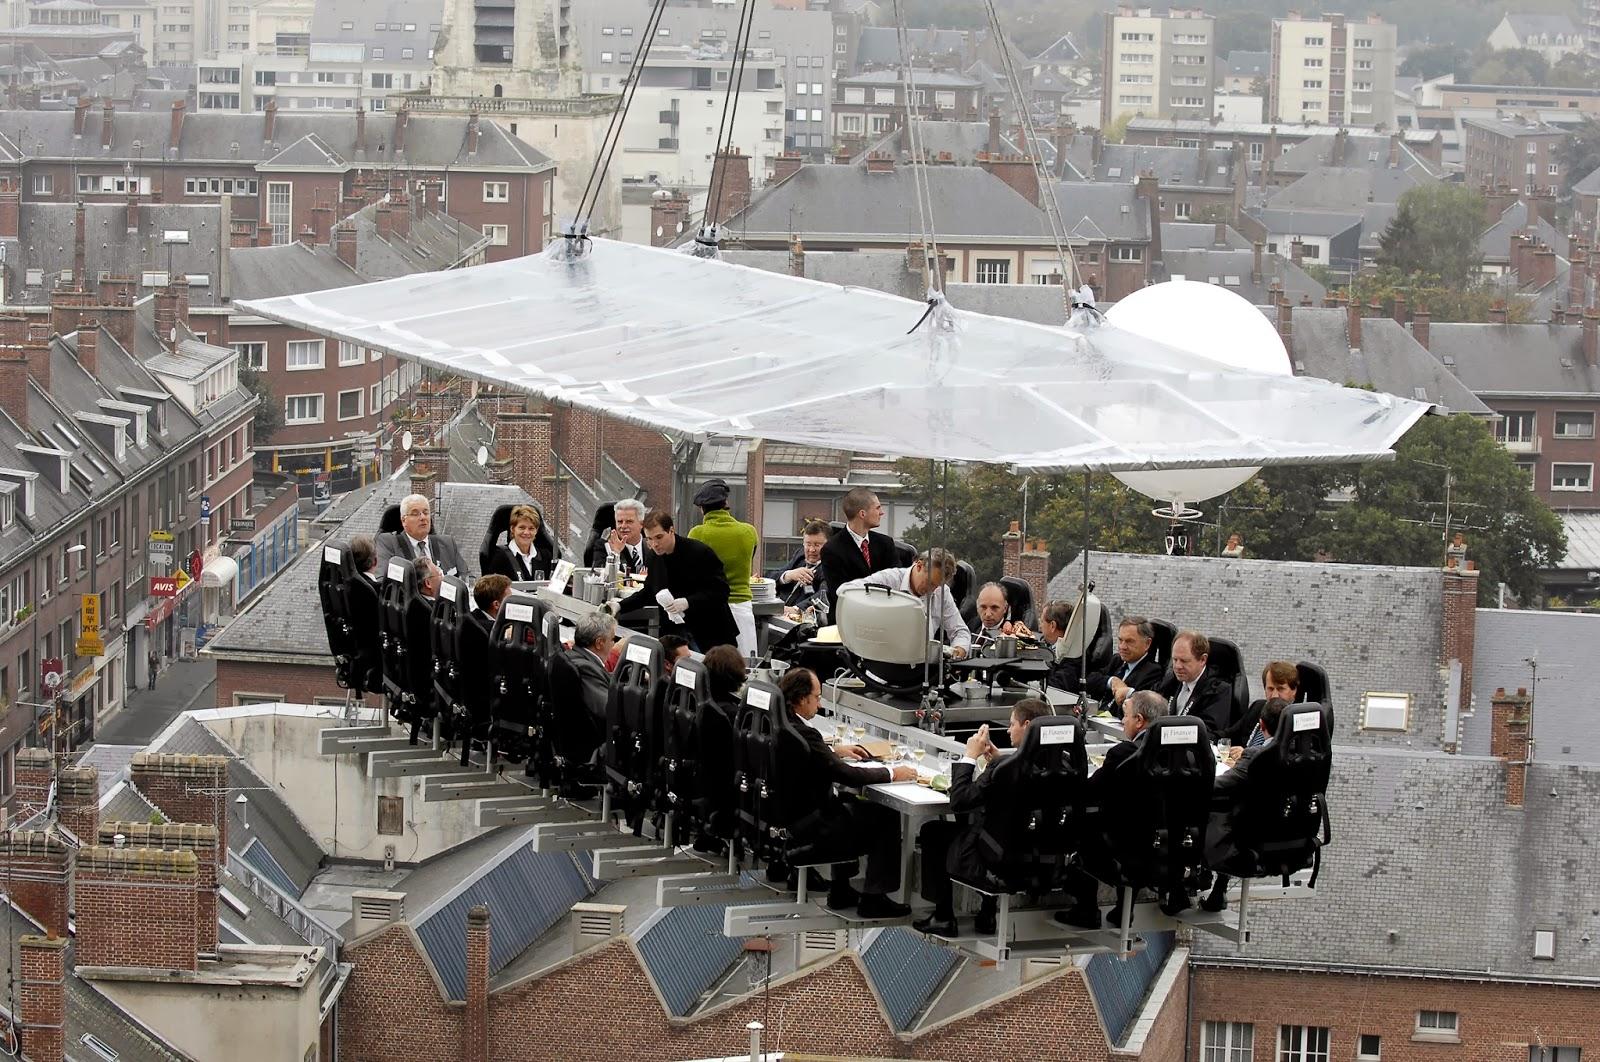 بالصور مطاعم غريبة حول العالم , باحدث التصاميم وافضل ابتكارات 3706